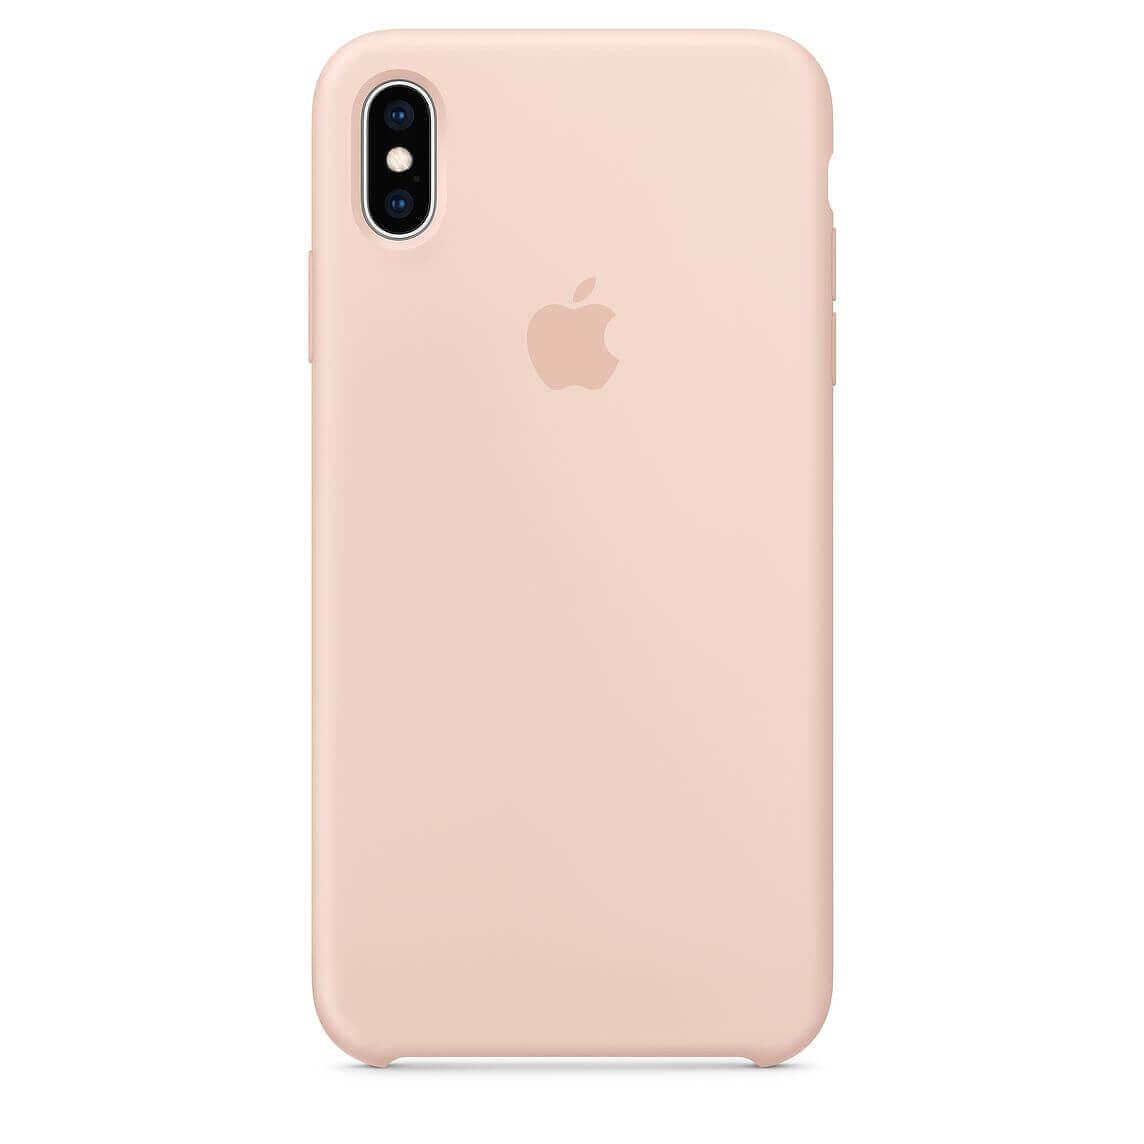 Apple Silicone Case — оригинален силиконов кейс за iPhone XS Max (розов пясък) (bulk) - 1